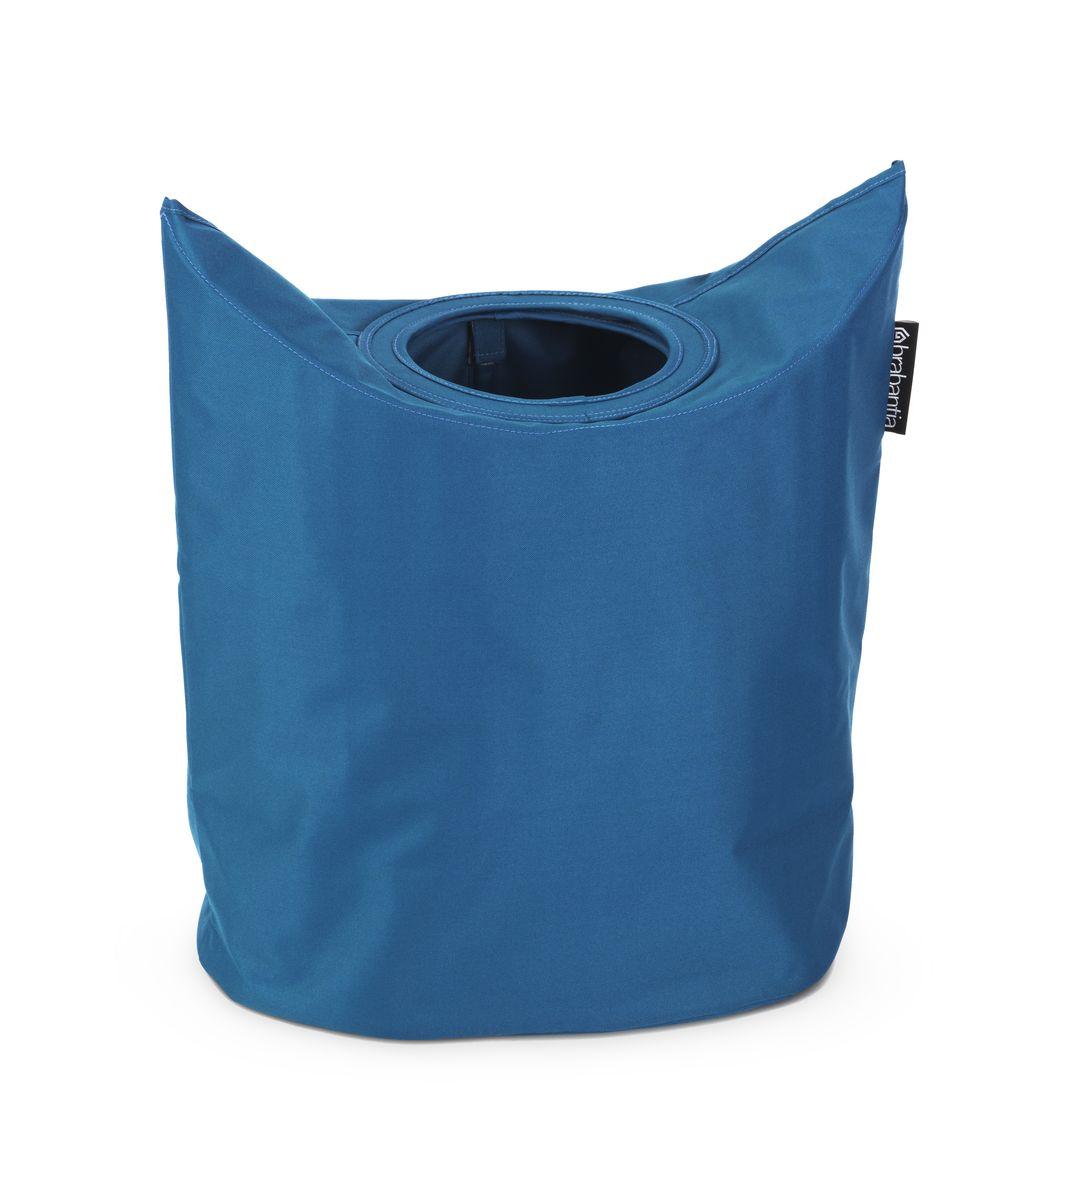 Сумка для белья Brabantia, цвет: синий. 102486102486Оригинальная сумка для белья экономит место и превращает вашу стирку в увлекательное занятие. С помощью складывающихся магнитных ручек сумка закрывается и превращается в корзину для белья с загрузочным отверстием. Собрались стирать? Поднимите ручки, и ваша сумка готова к использованию. Загрузочное отверстие для быстрой загрузки белья – просто сложите магнитные ручки; Большие удобные ручки для переноски; Удобно загружать белье в стиральную машину – большая вместимость и широкое отверстие; 2 года гарантии Brabantia.